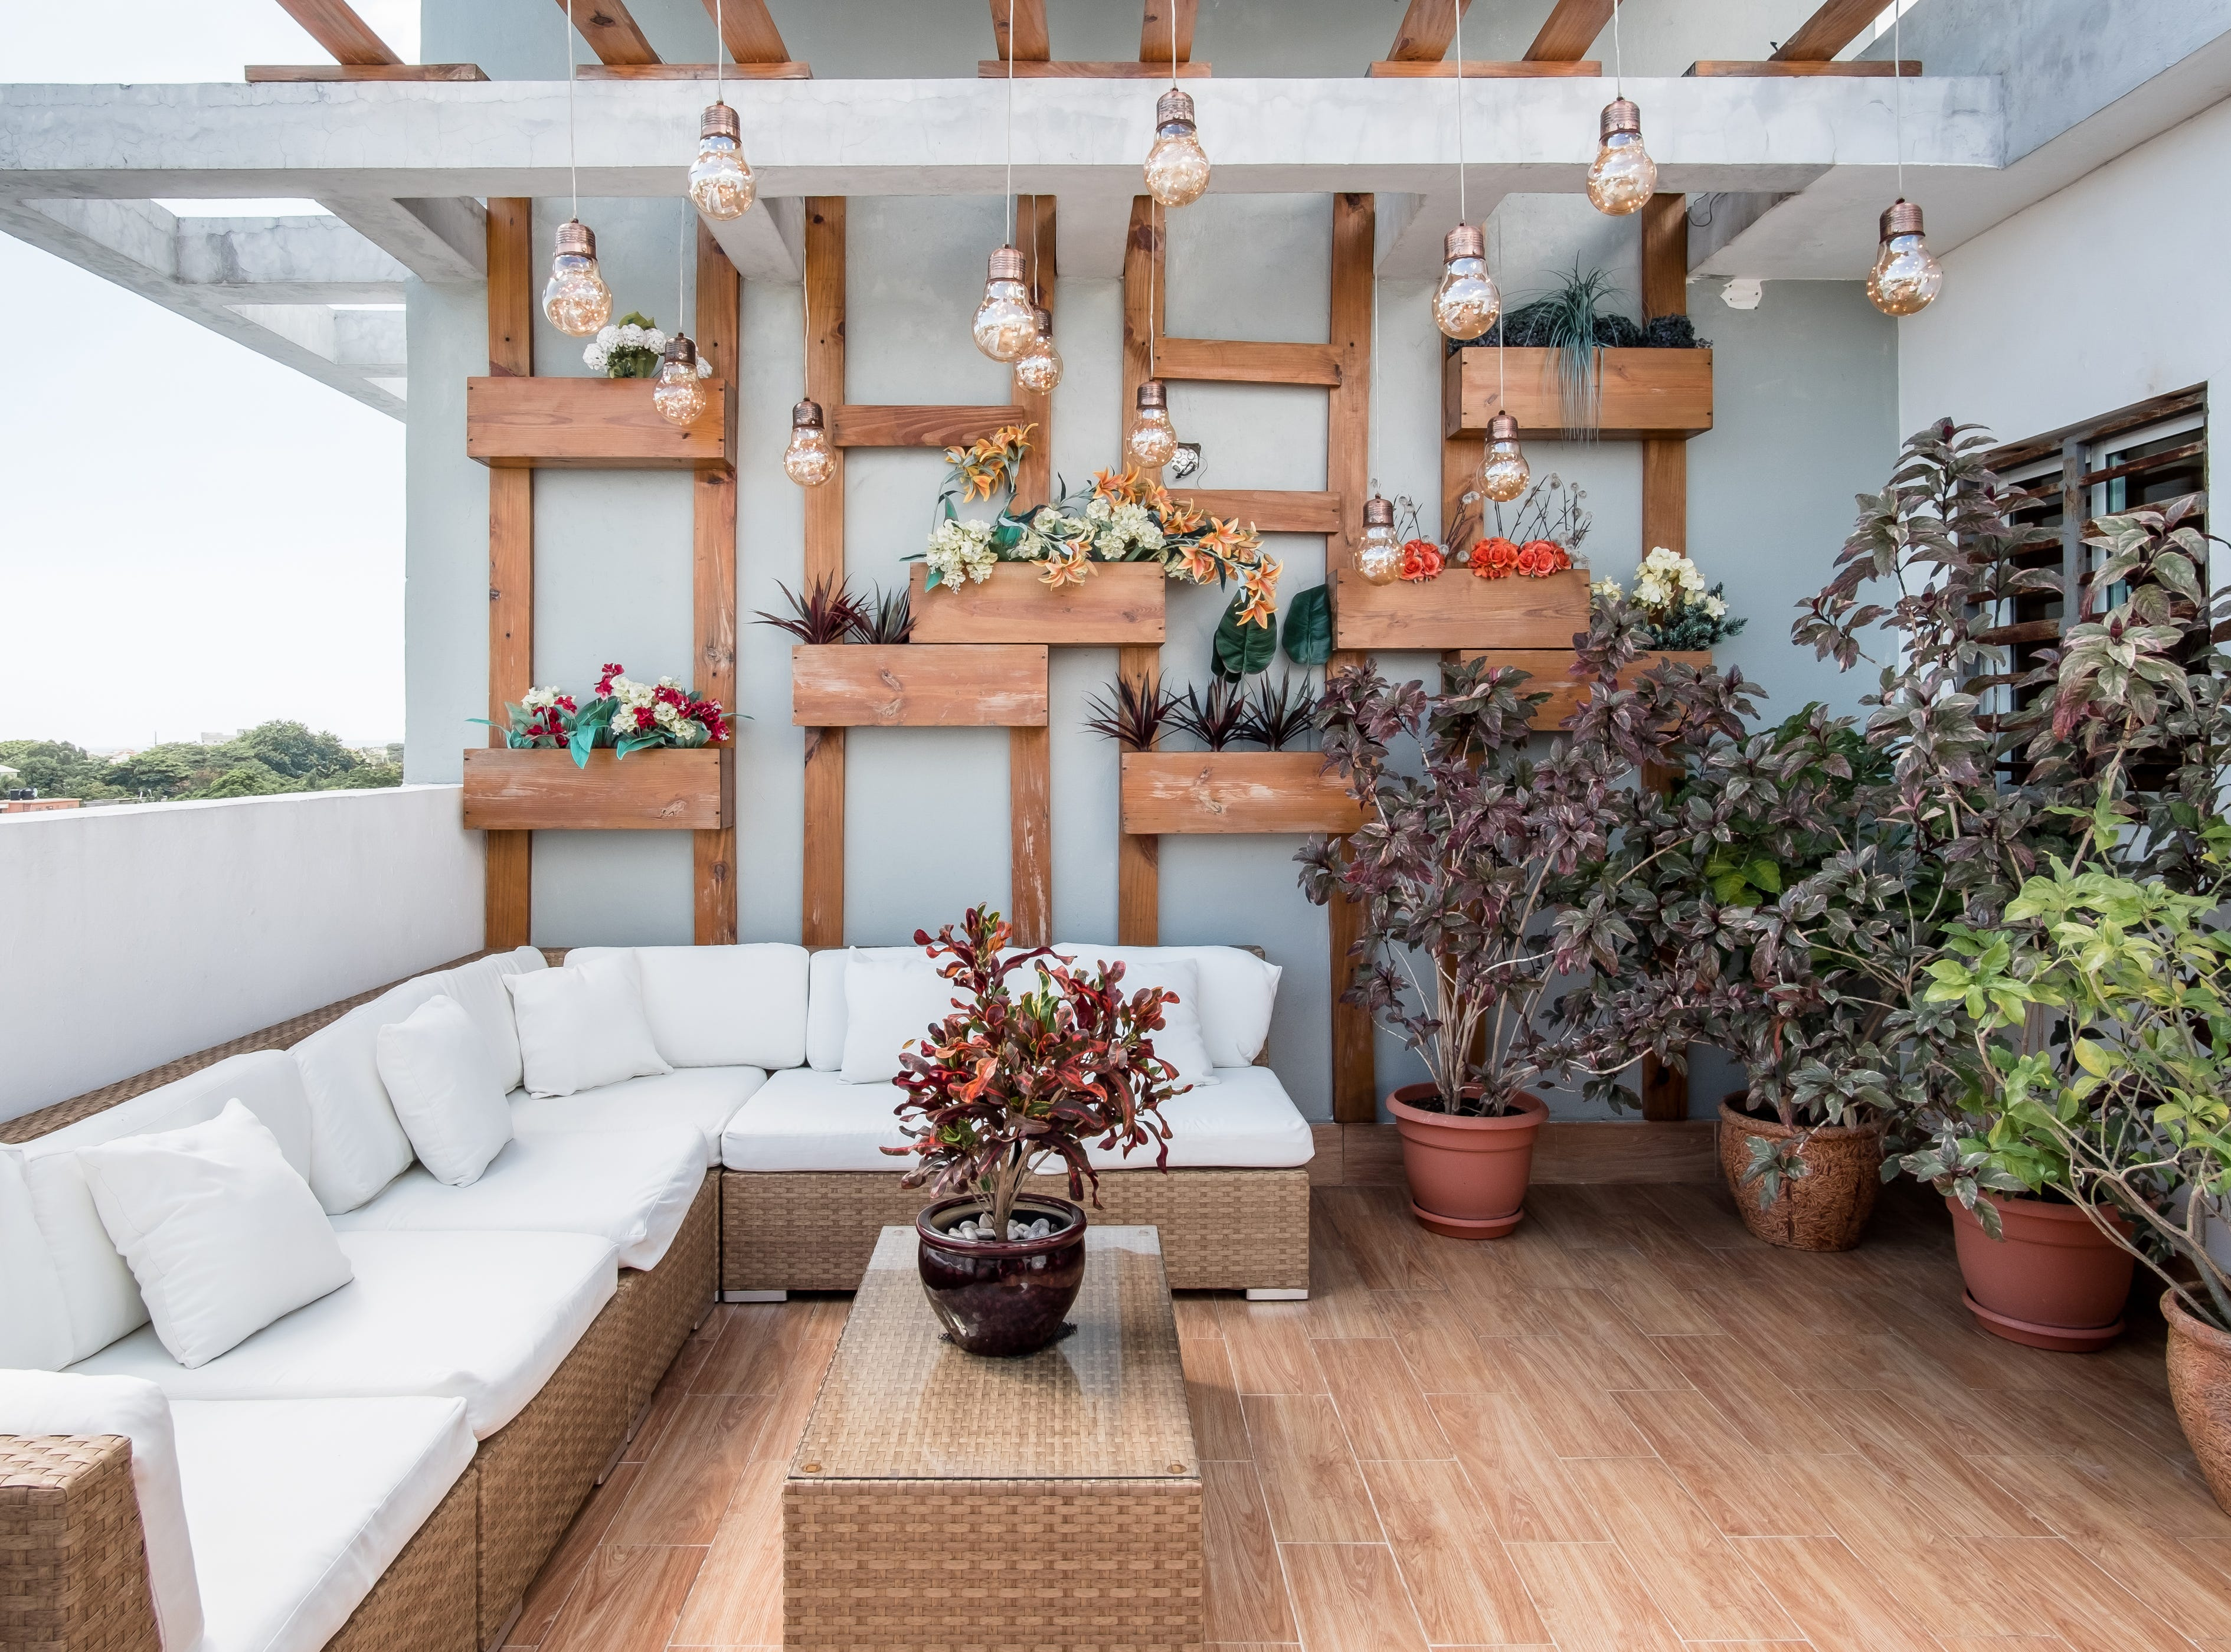 A studio apartment with a private terrace in Santo Domingo in the Dominican Republic